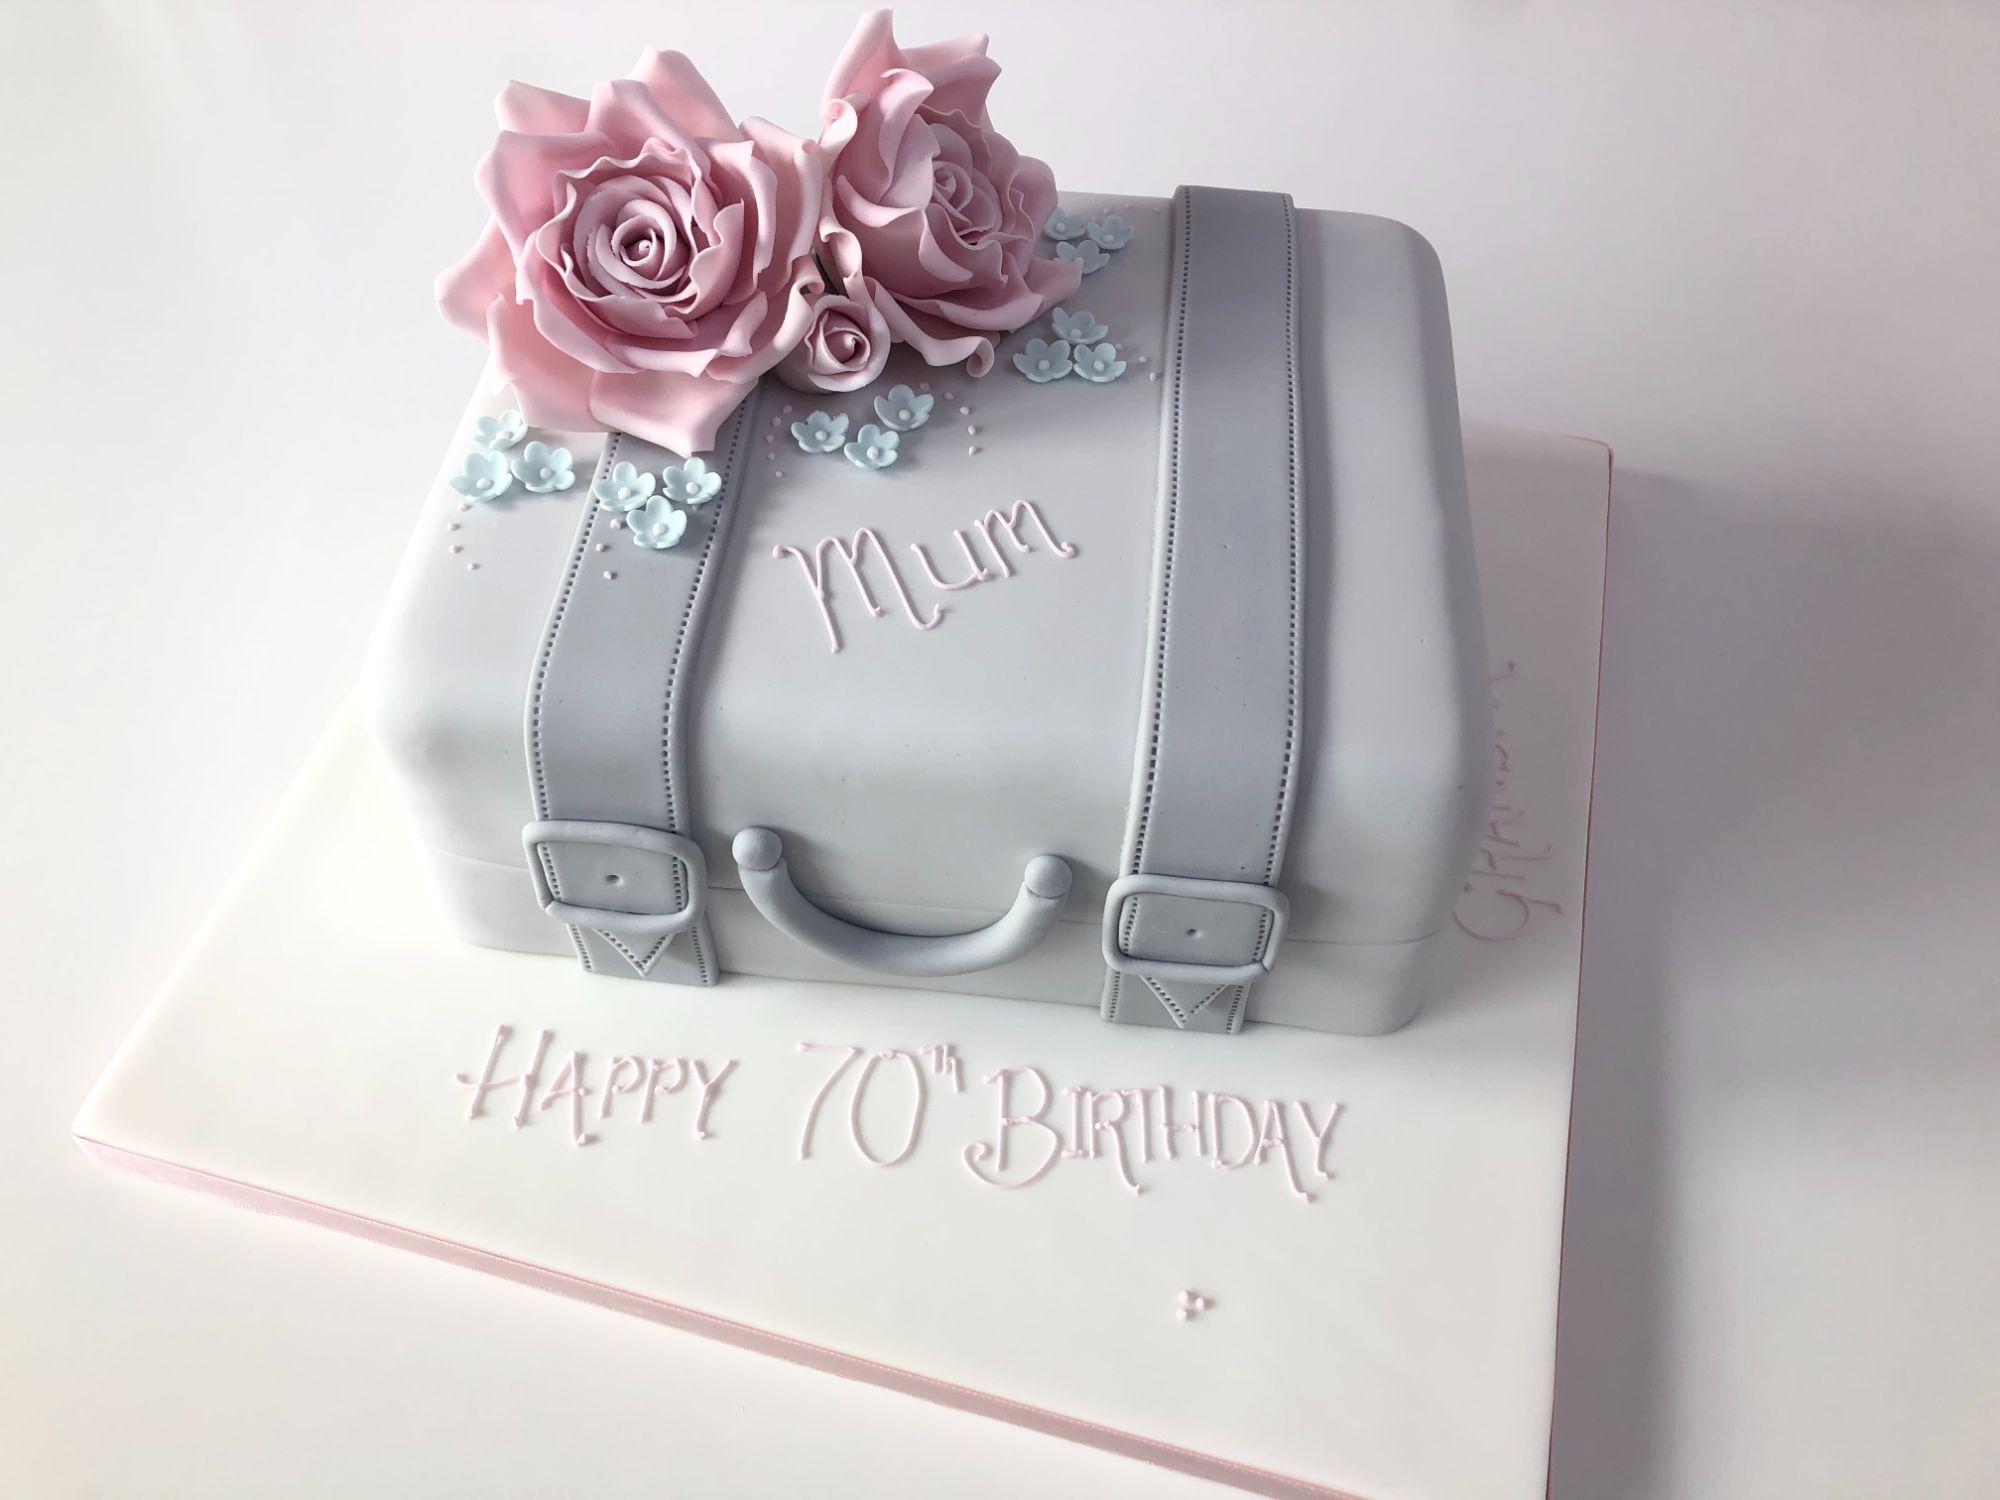 HJCD - celebration cakes (1)